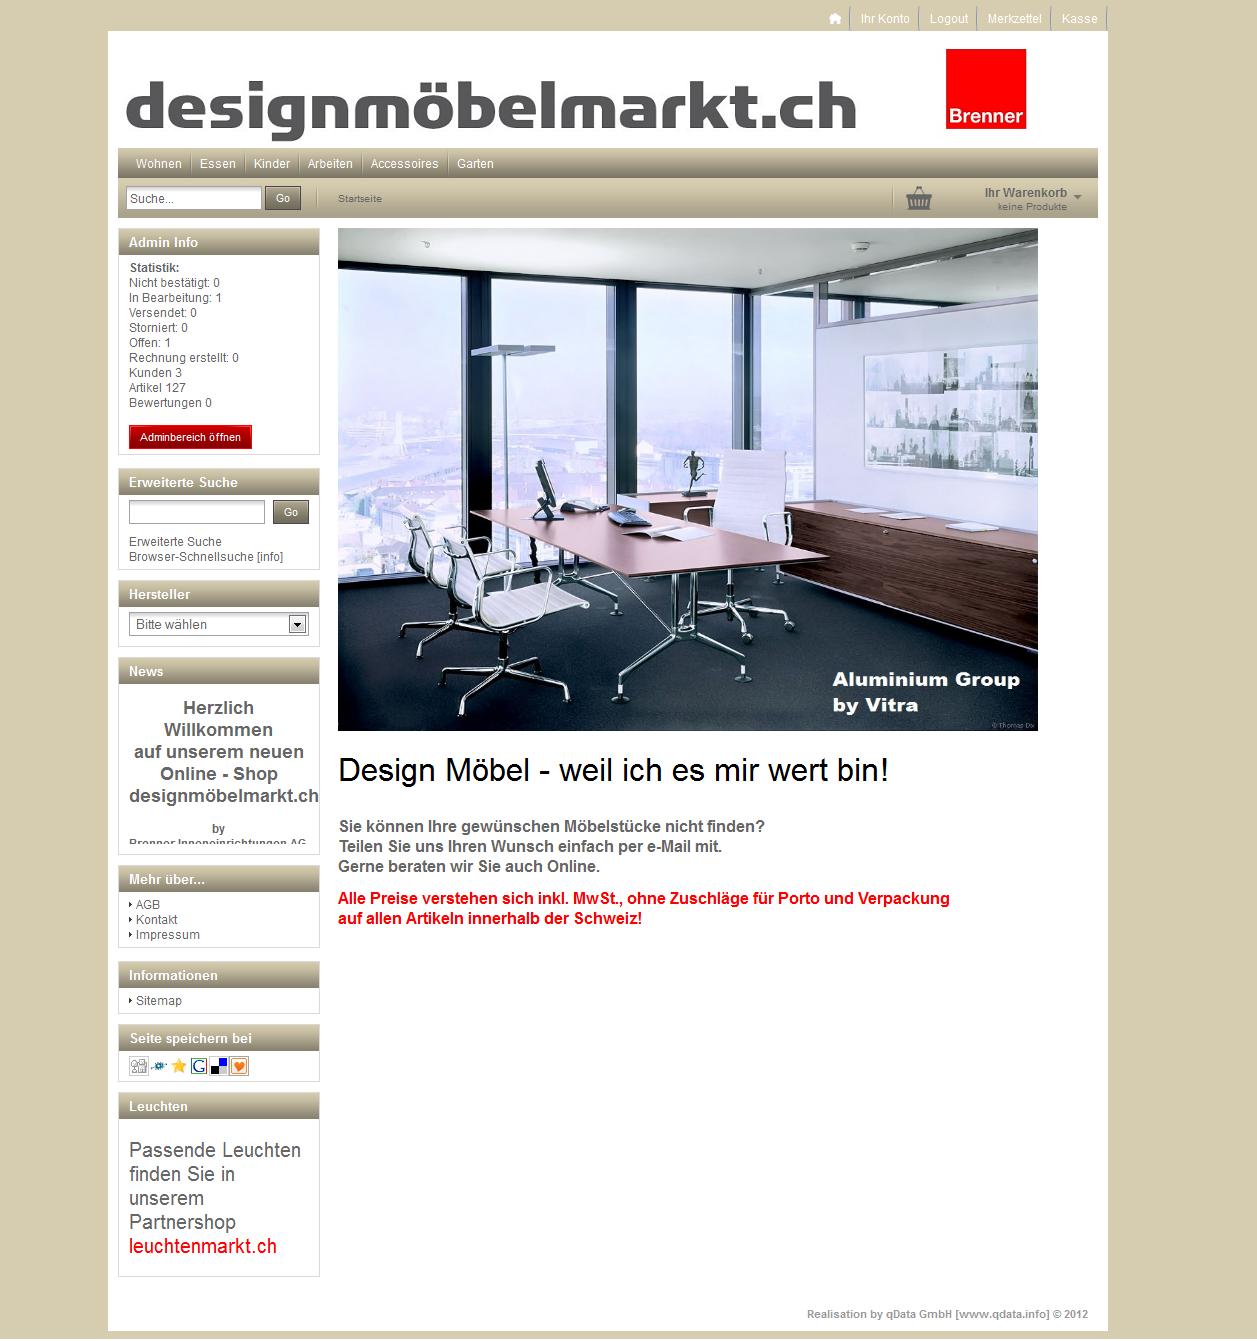 Designmöbelmarkt.ch by Brenner Inneneinrichtungen AG, Wil SG